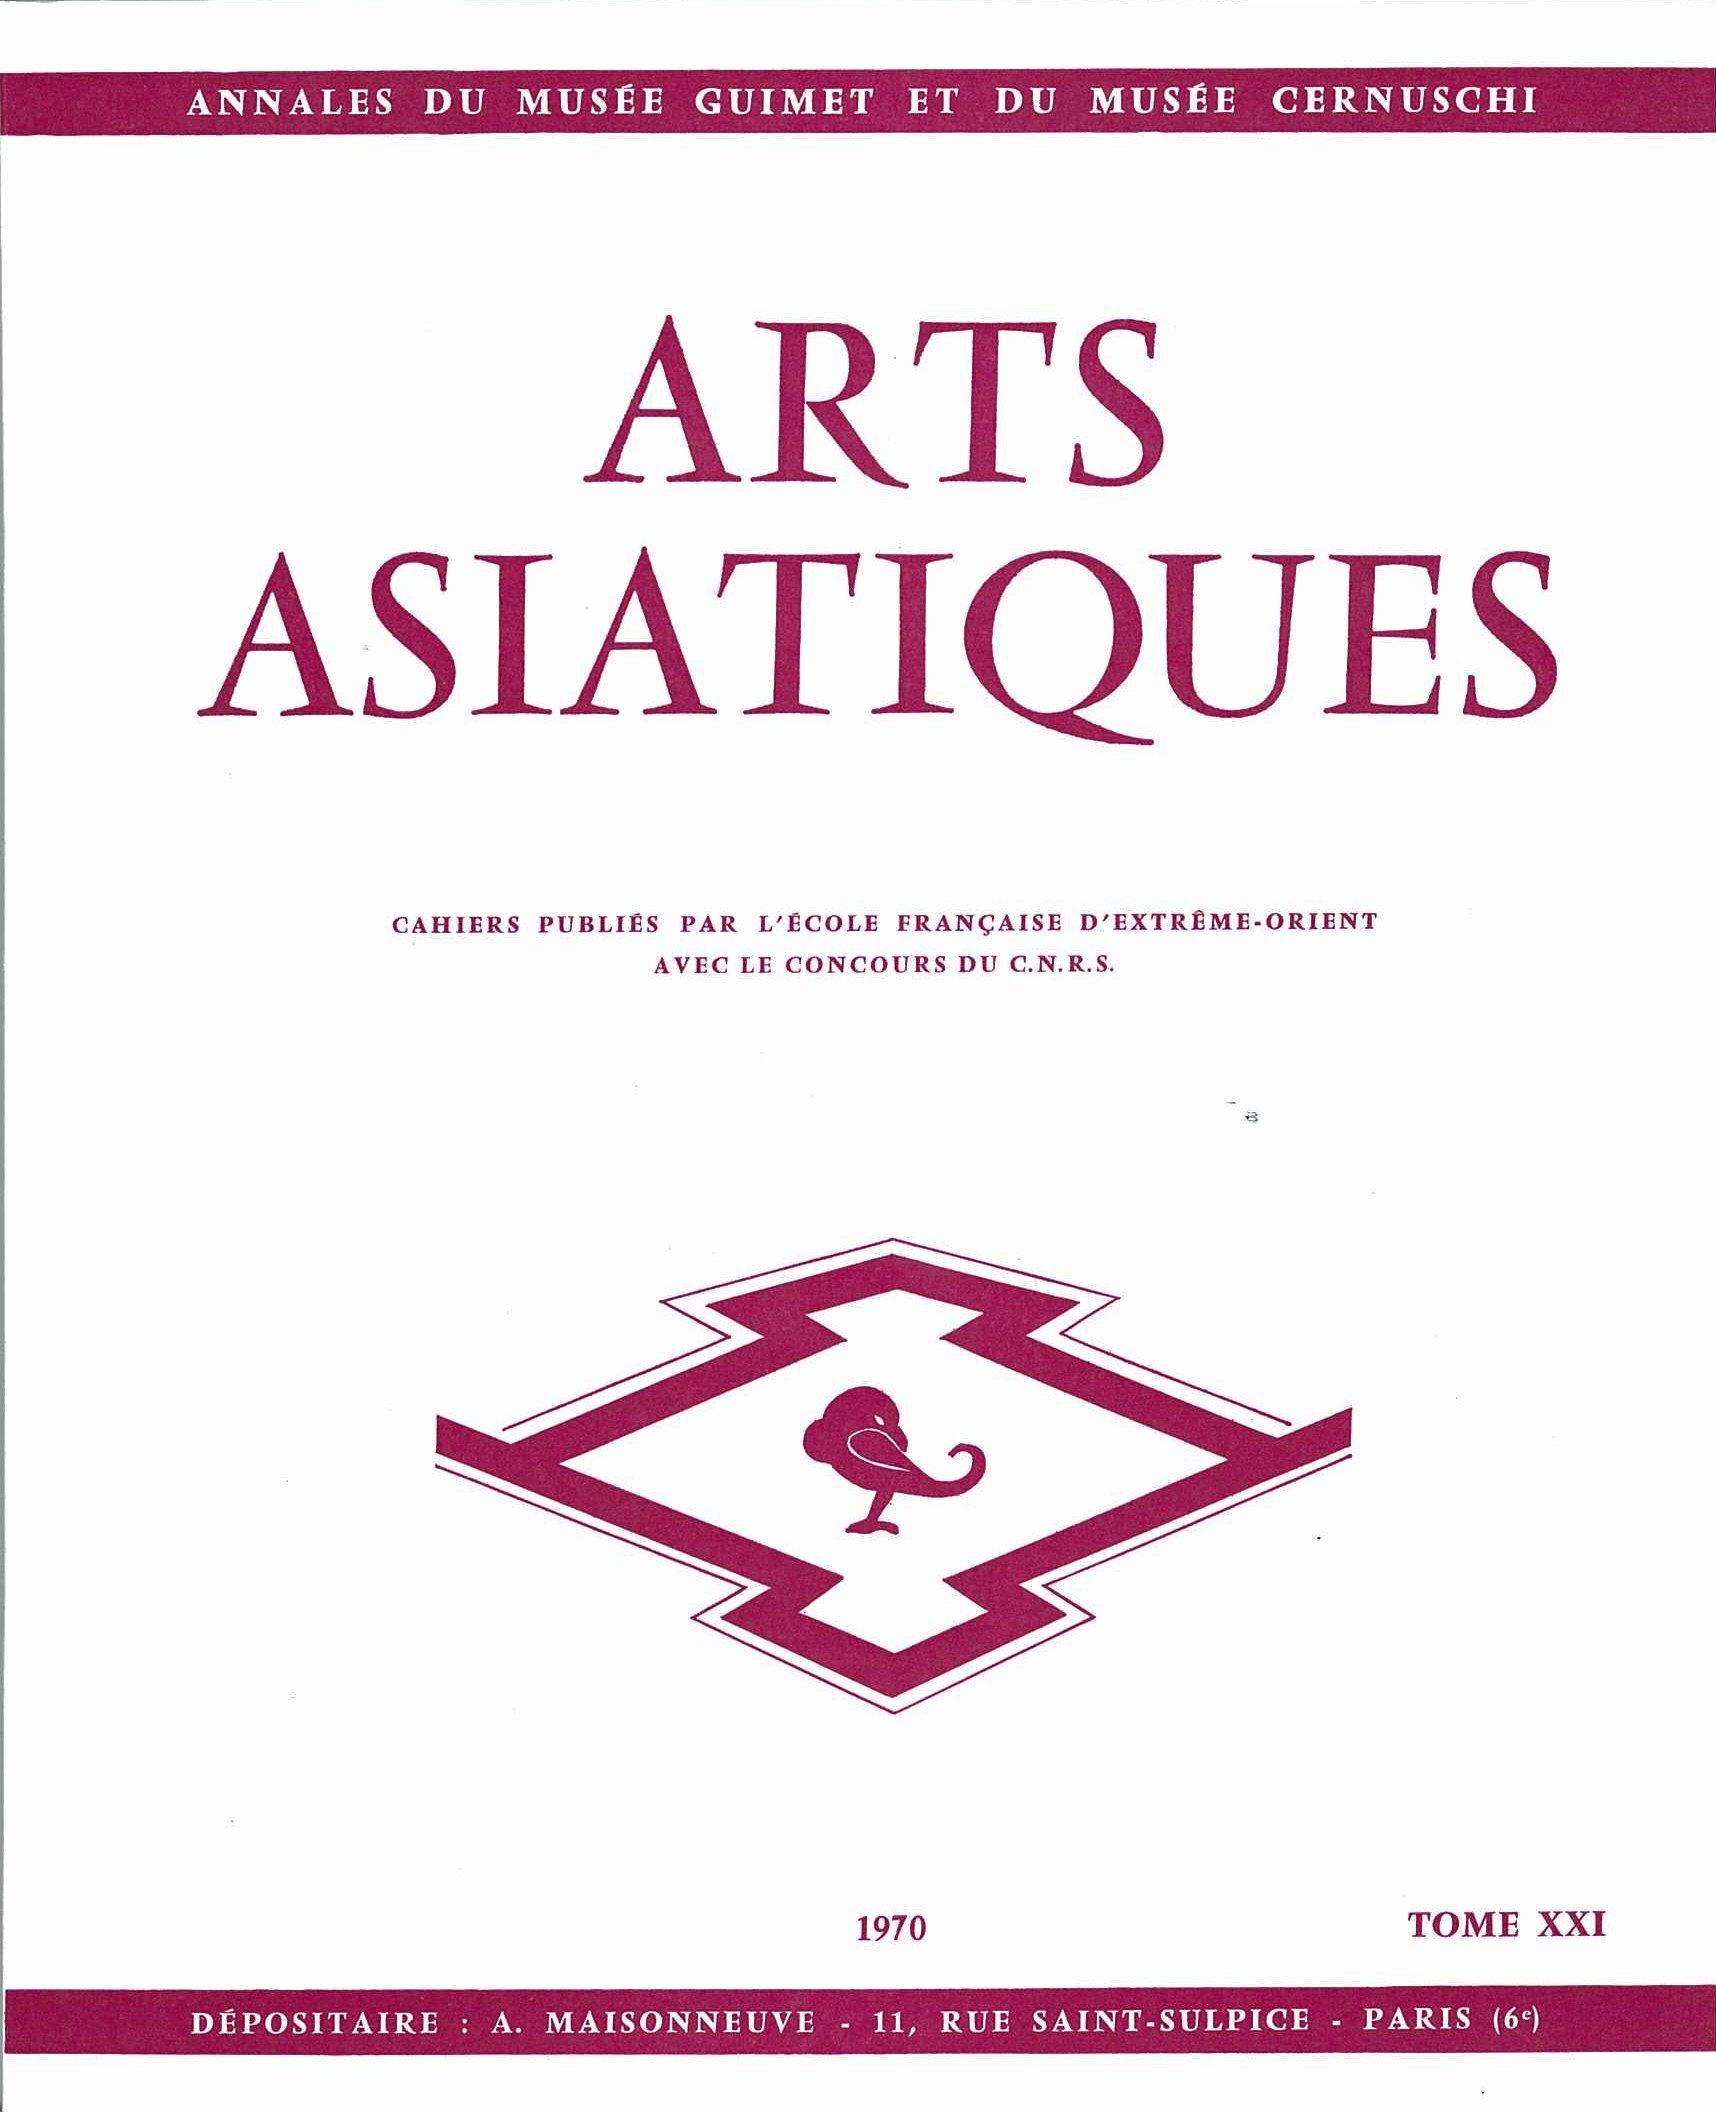 ARTS ASIATIQUES NO. 21 (1970)